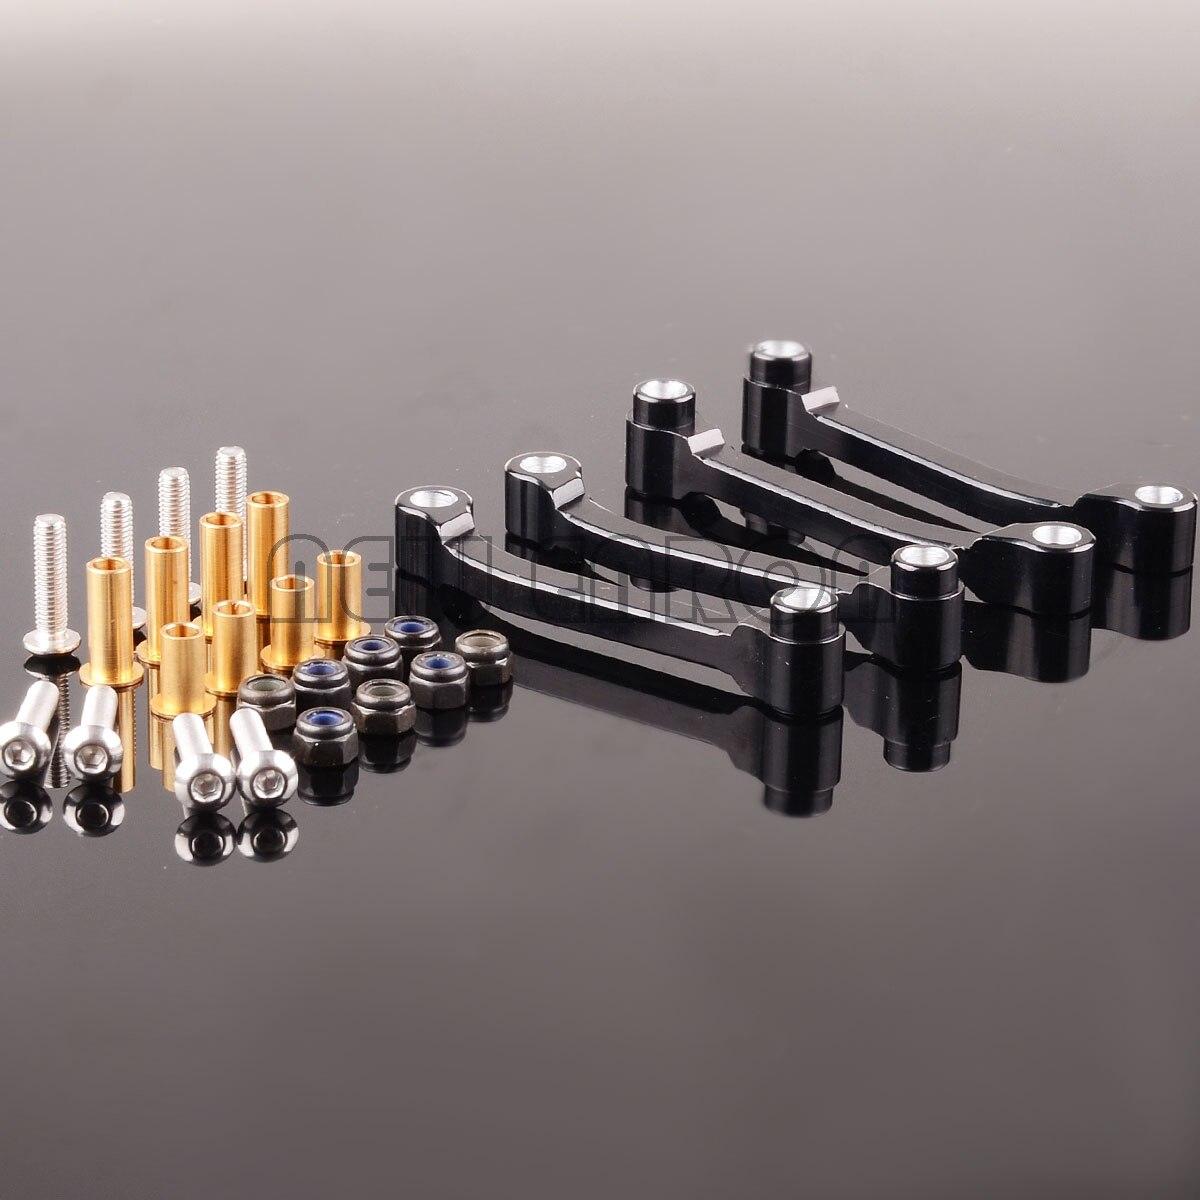 4pc raio de alumínio do braço para o carro modelo rc tamiya 1/14 trator caminhão rei cavaleiro 56301 56304 56309 56314 rei cavaleiro hauler r620